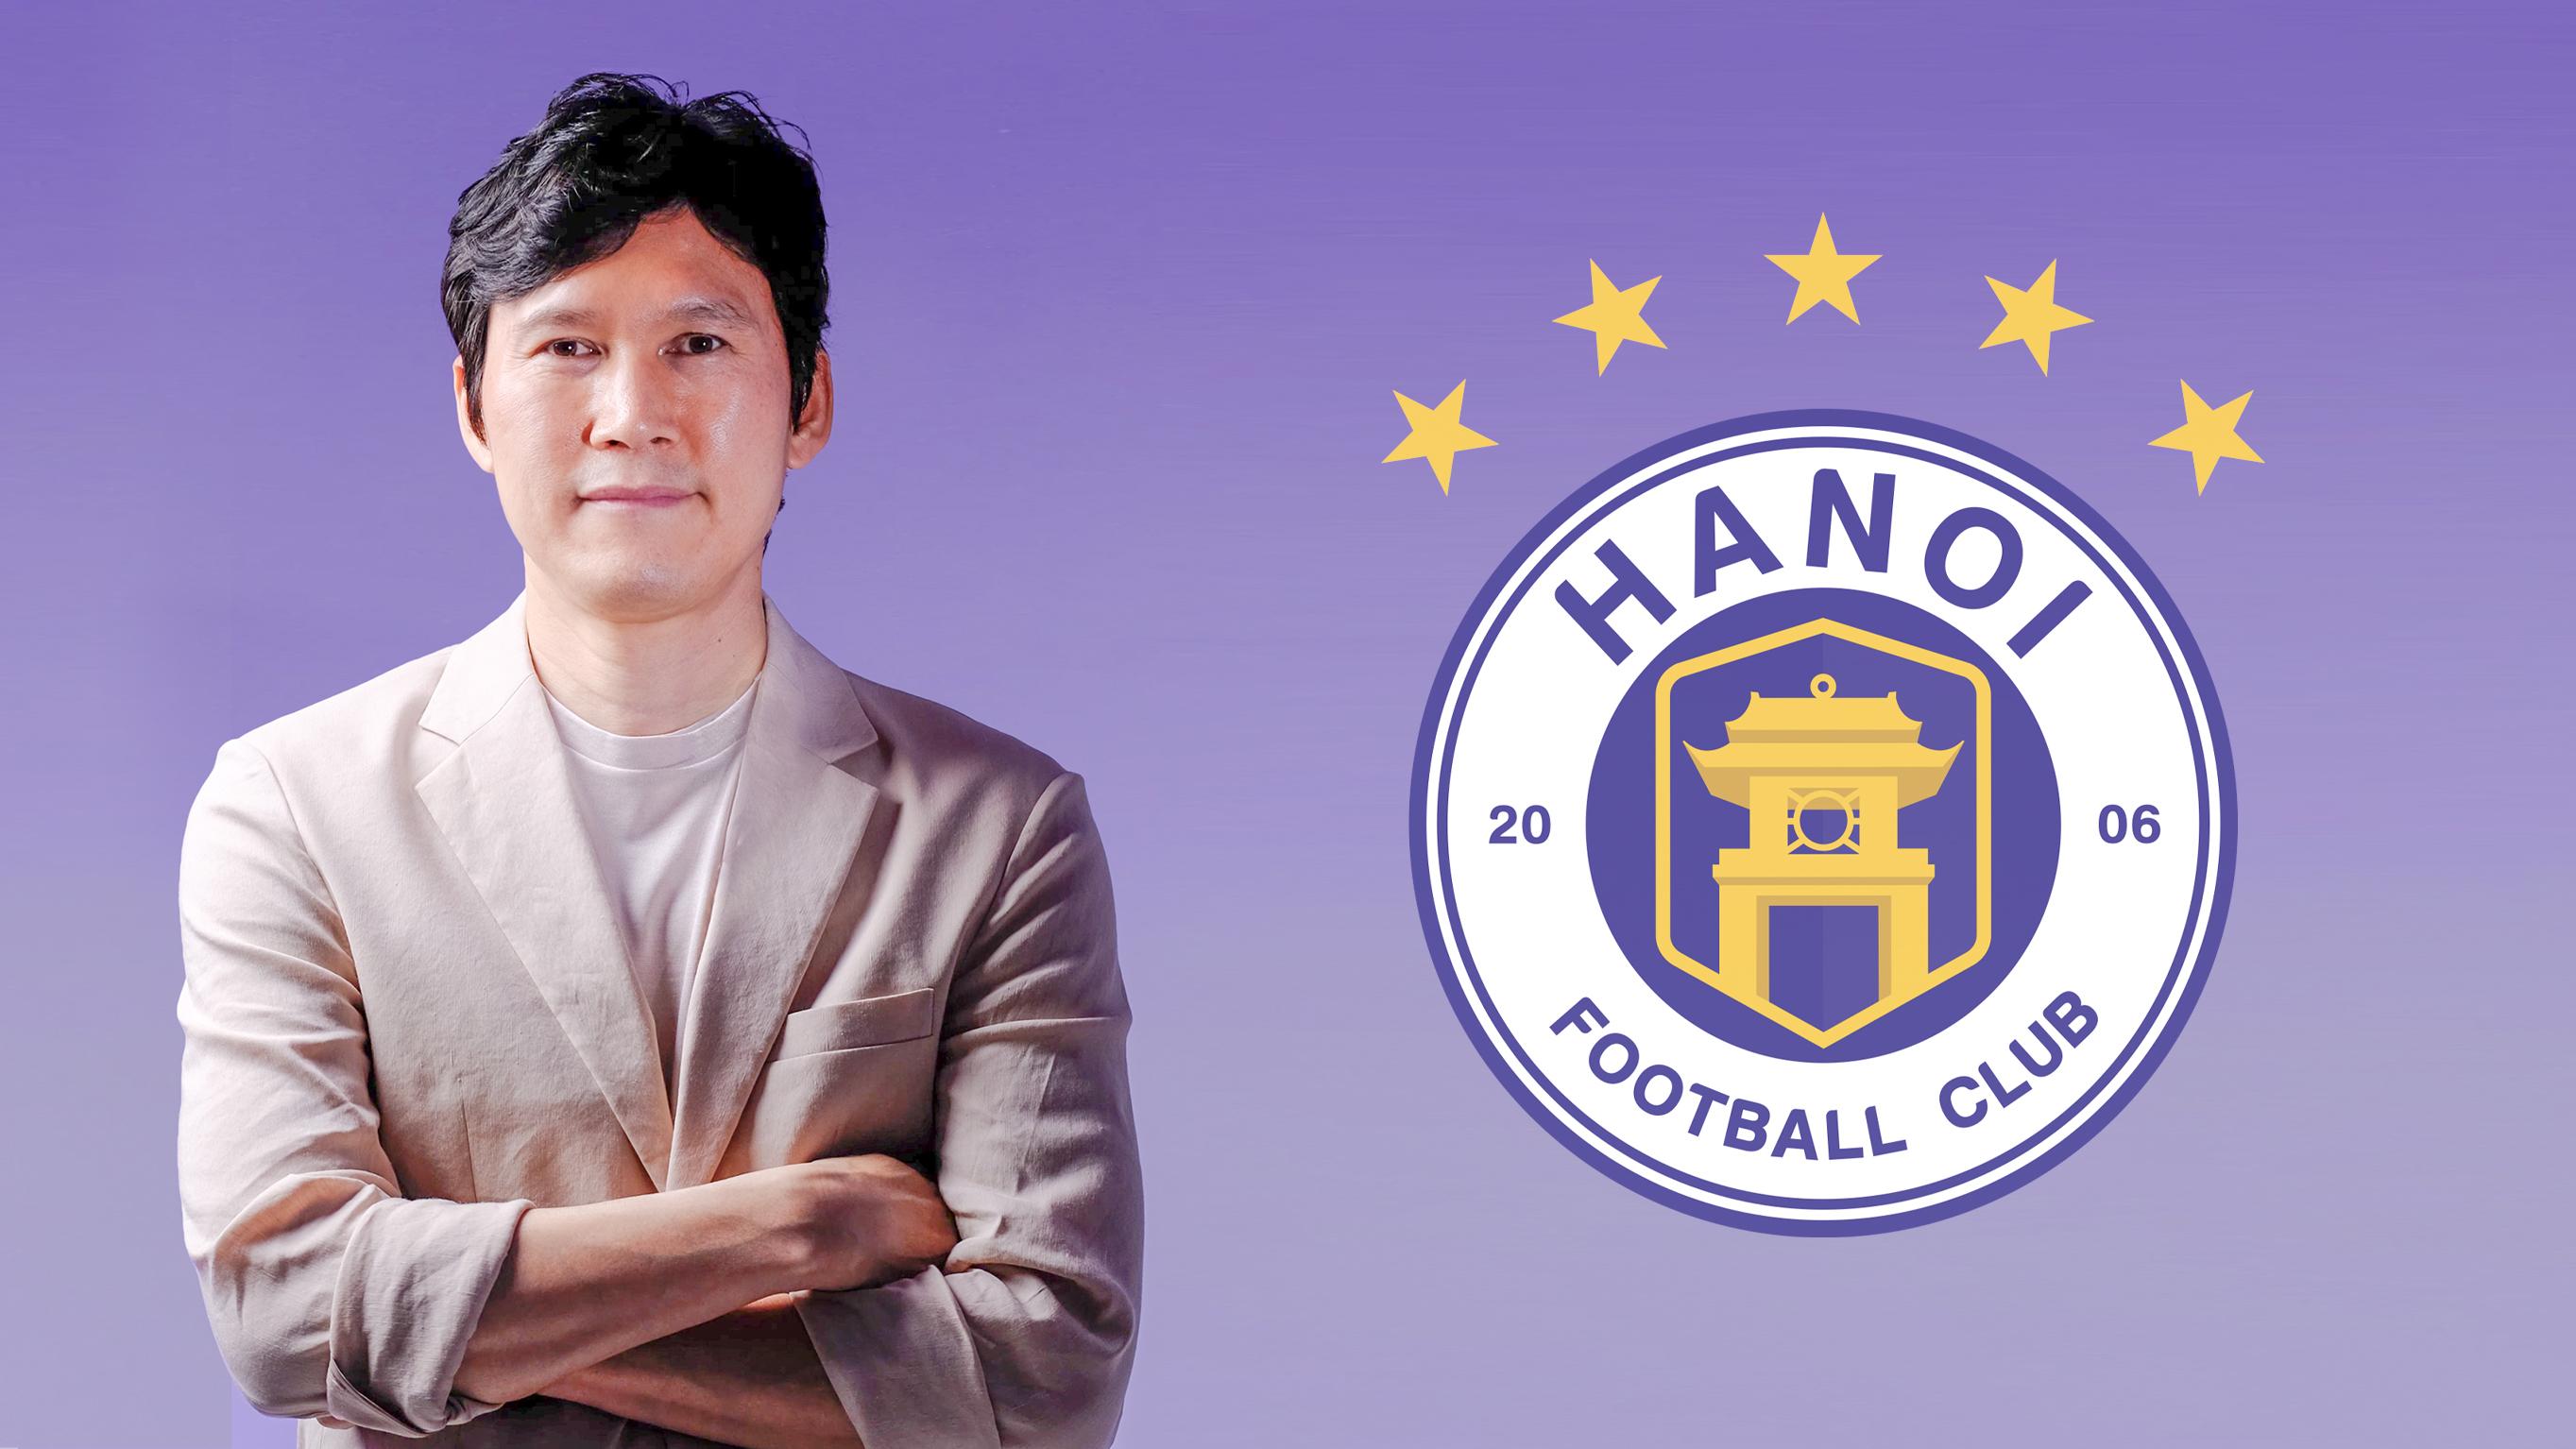 Nóng: Hà Nội FC bổ nhiệm HLV Park